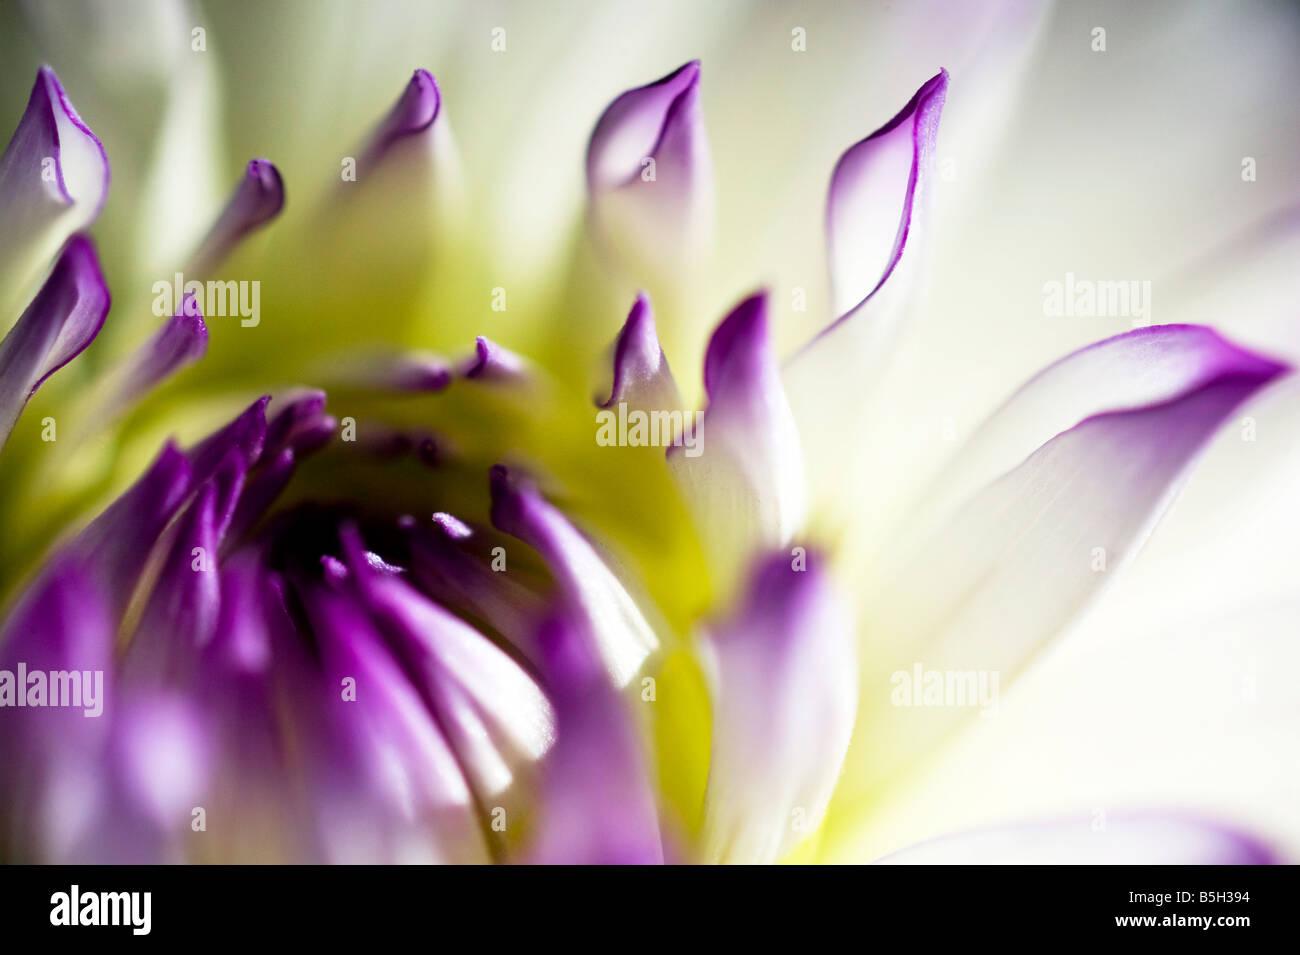 Cierre de un color púrpura y blanco Dalia flor Foto de stock